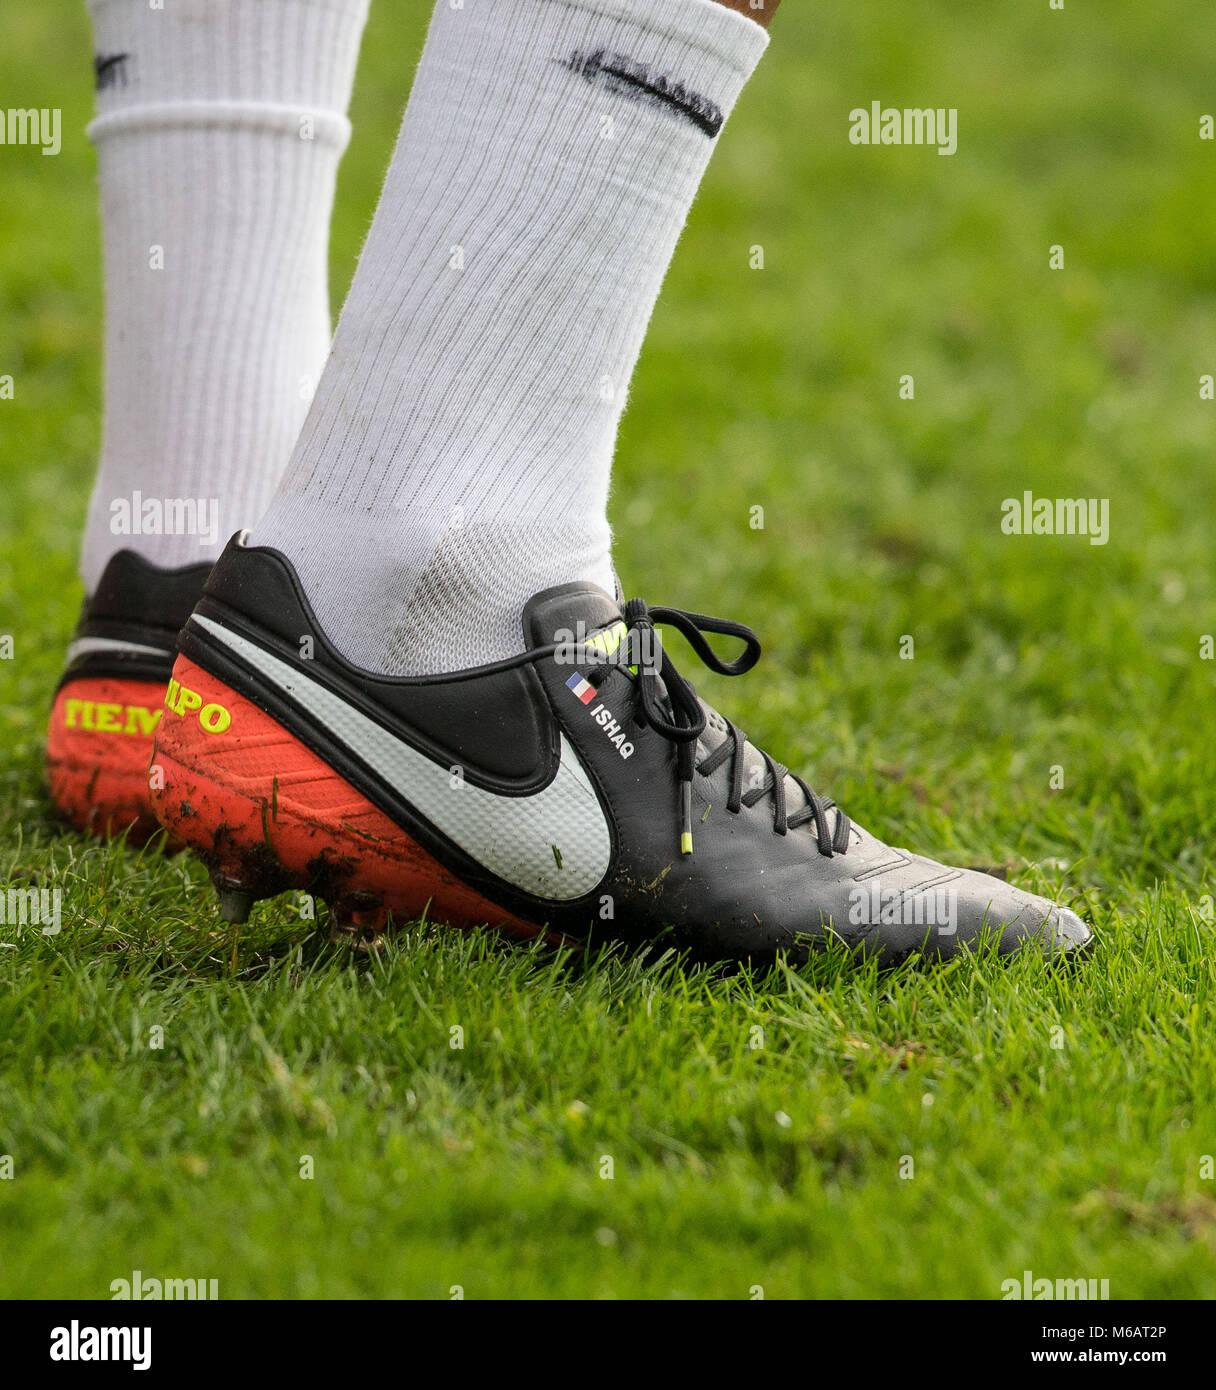 artisanat de qualité Chaussures de skate pas cher à vendre Younes Kaboul défenseur Watford chaussures de football nike ...